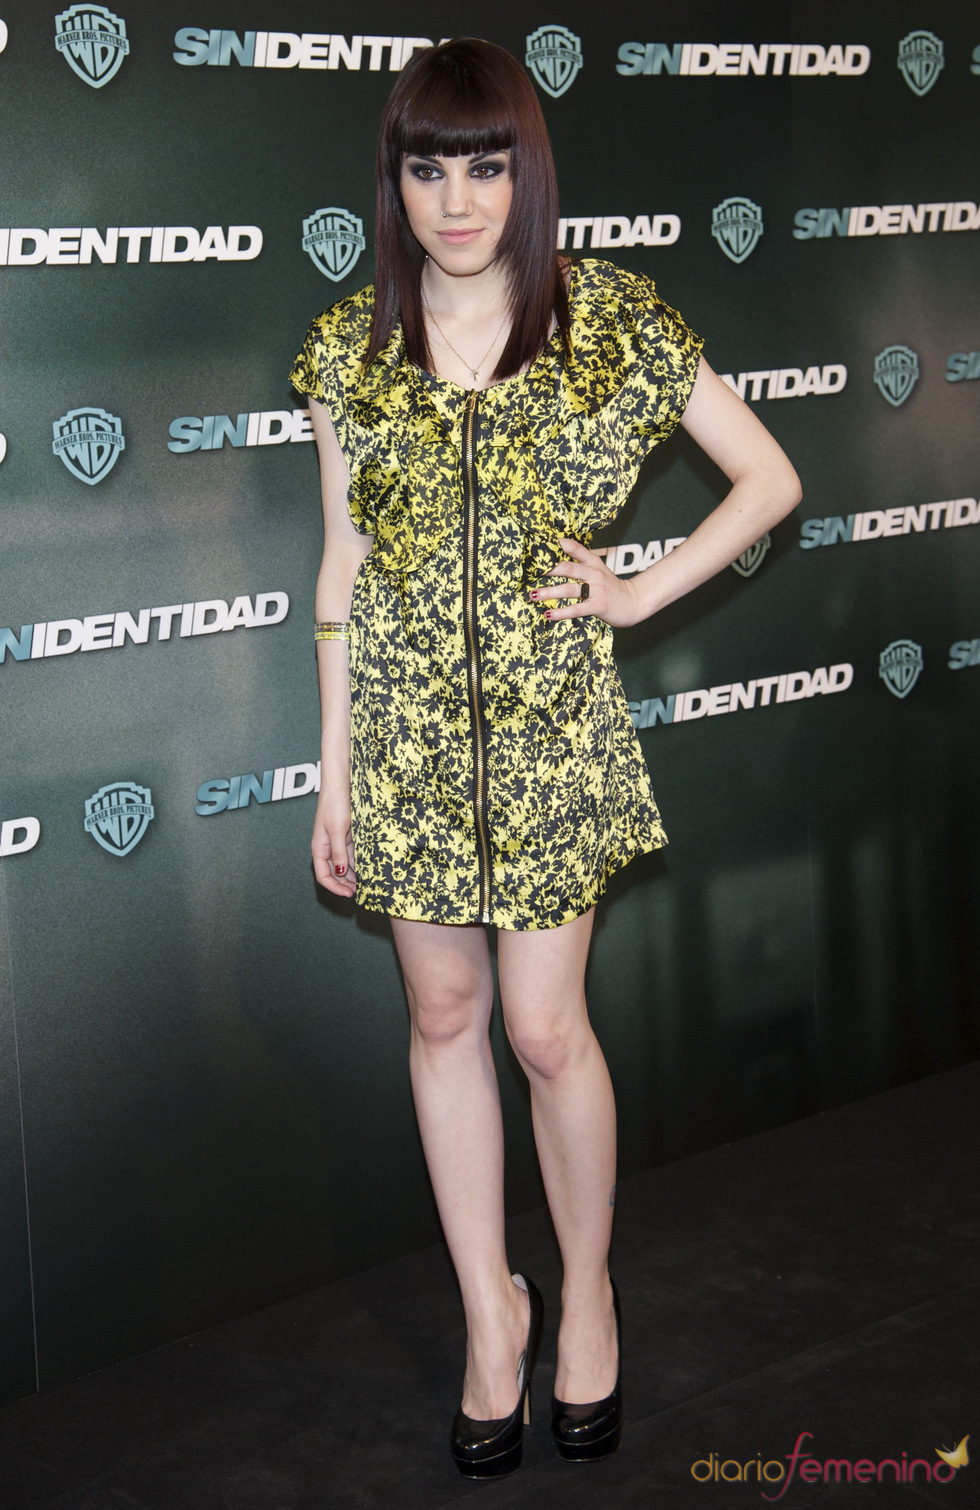 Angy en la premiere de 'Sin identidad' en Madrid